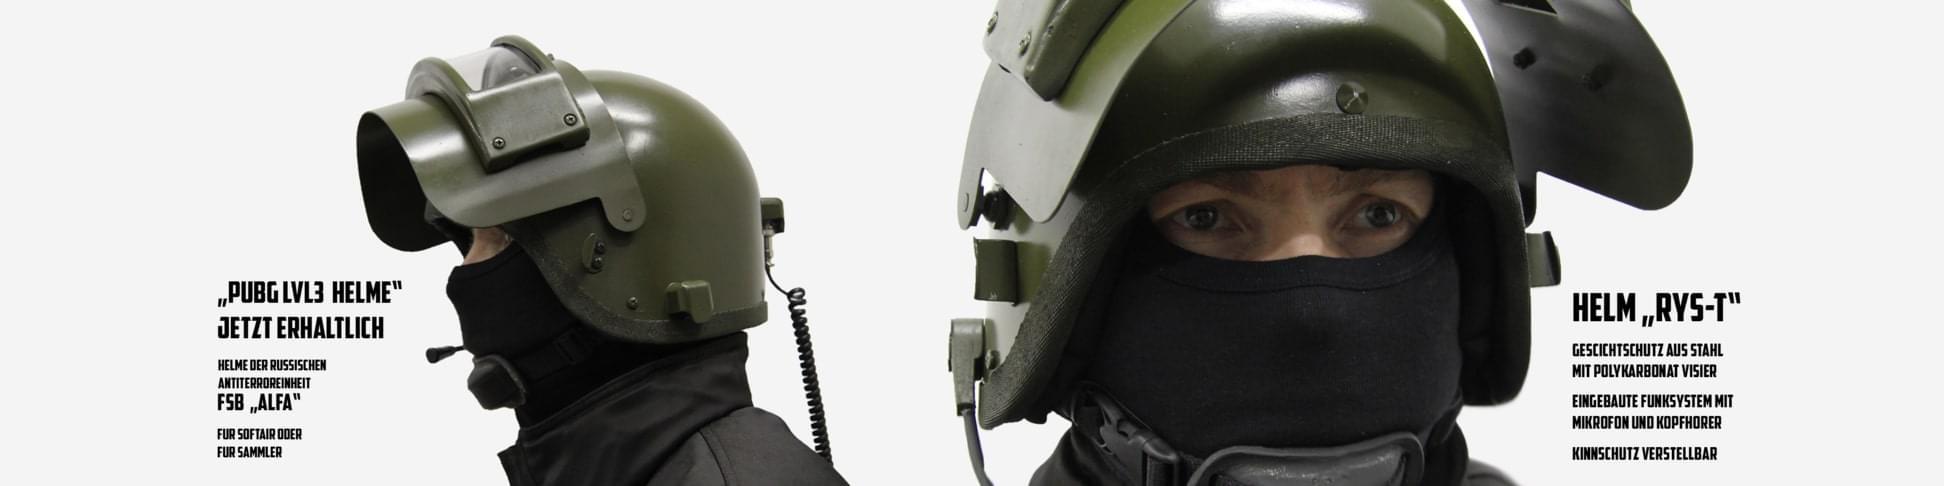 Slider-Vorlage-Pubg-Helme-2